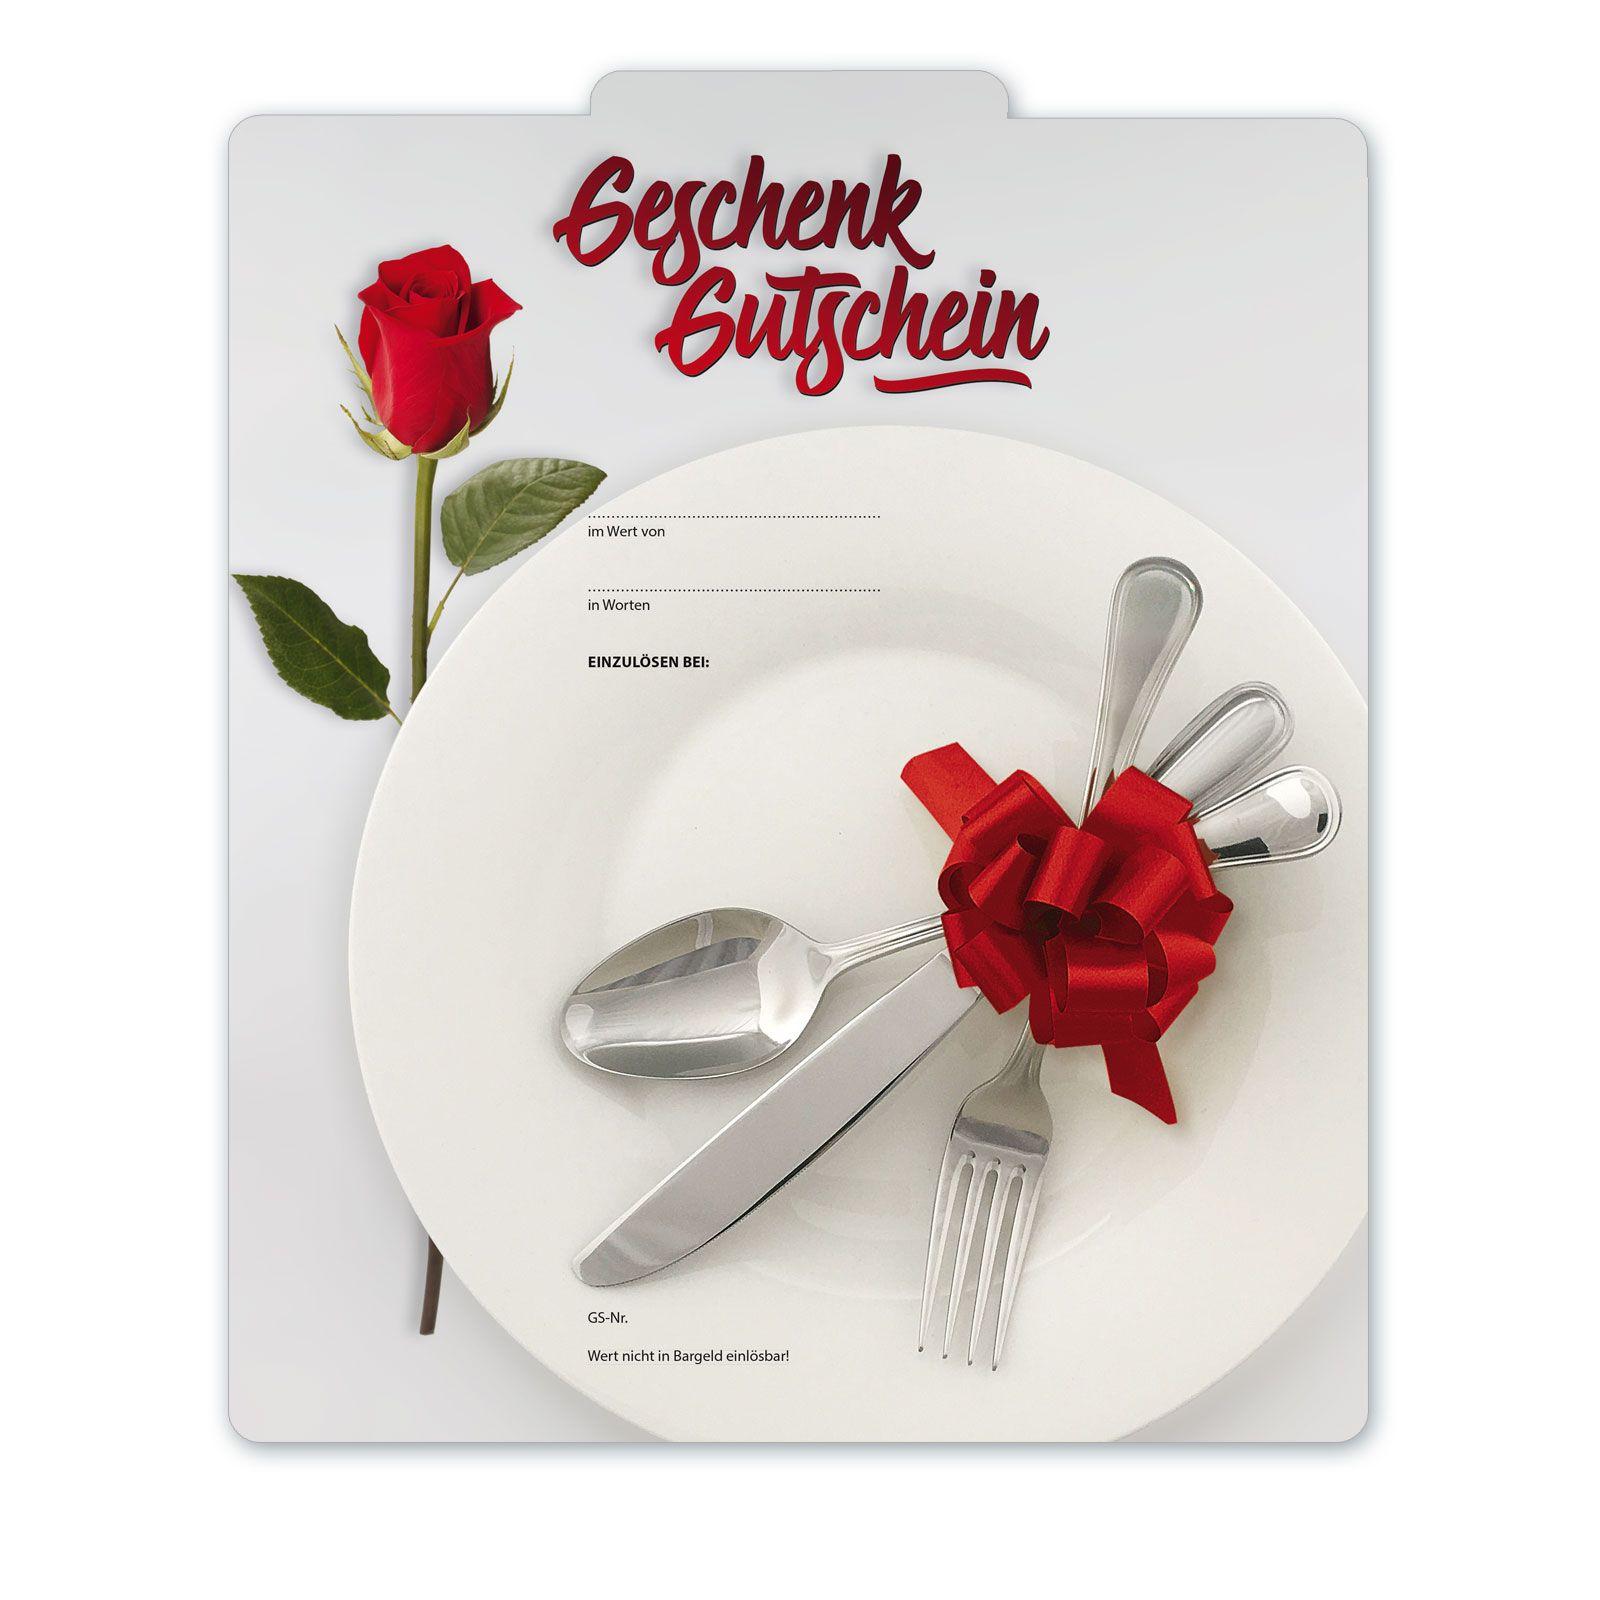 multicolor geschenkgutschein g2012 f r die gastronomie gastronomie geschenkgutscheine in 2018. Black Bedroom Furniture Sets. Home Design Ideas